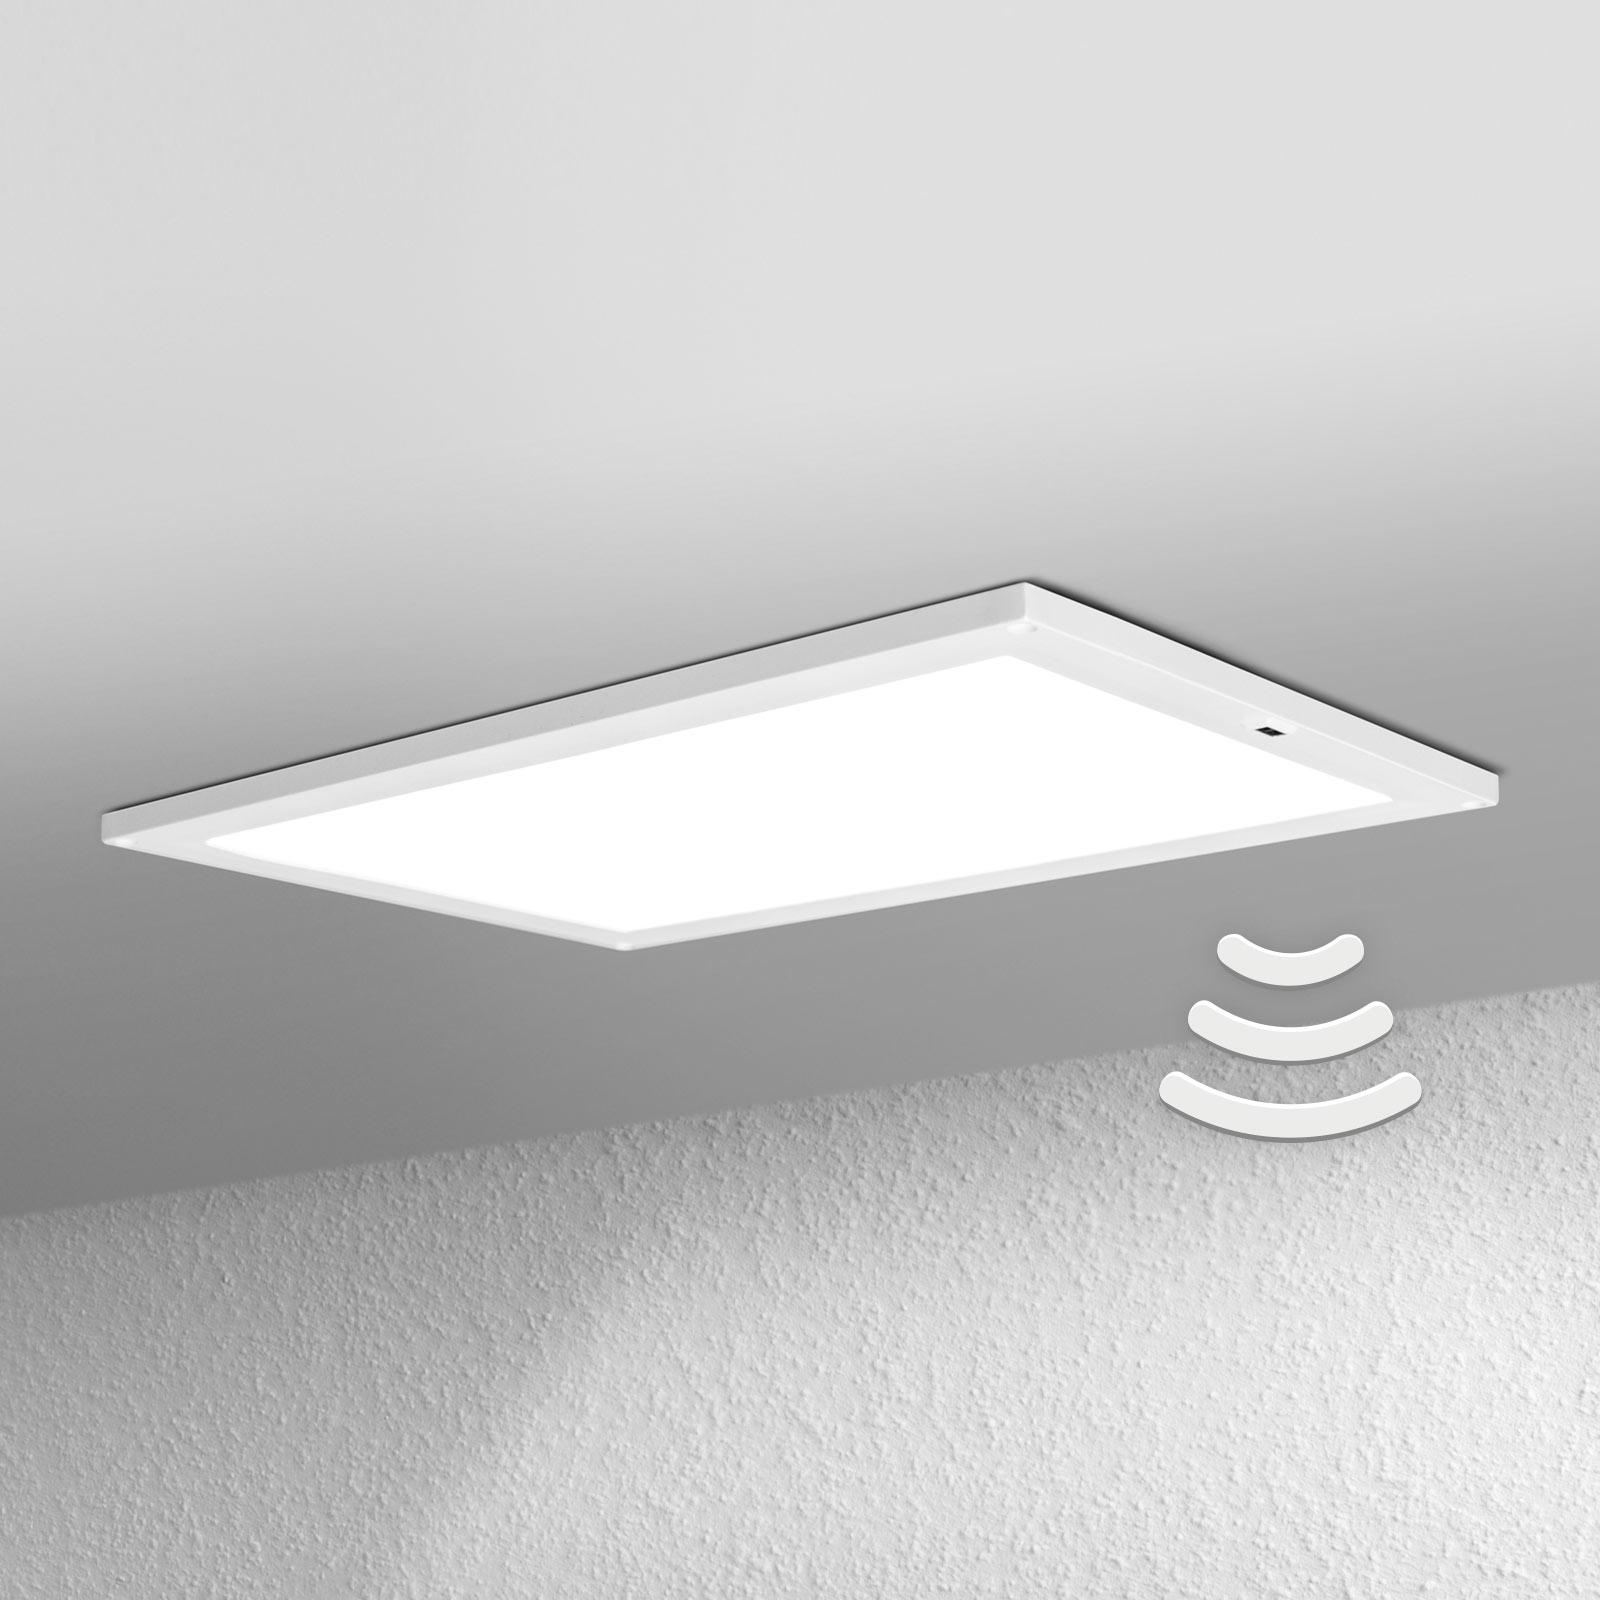 LEDVANCE Cabinet Panel underskabslampe 30x20 cm